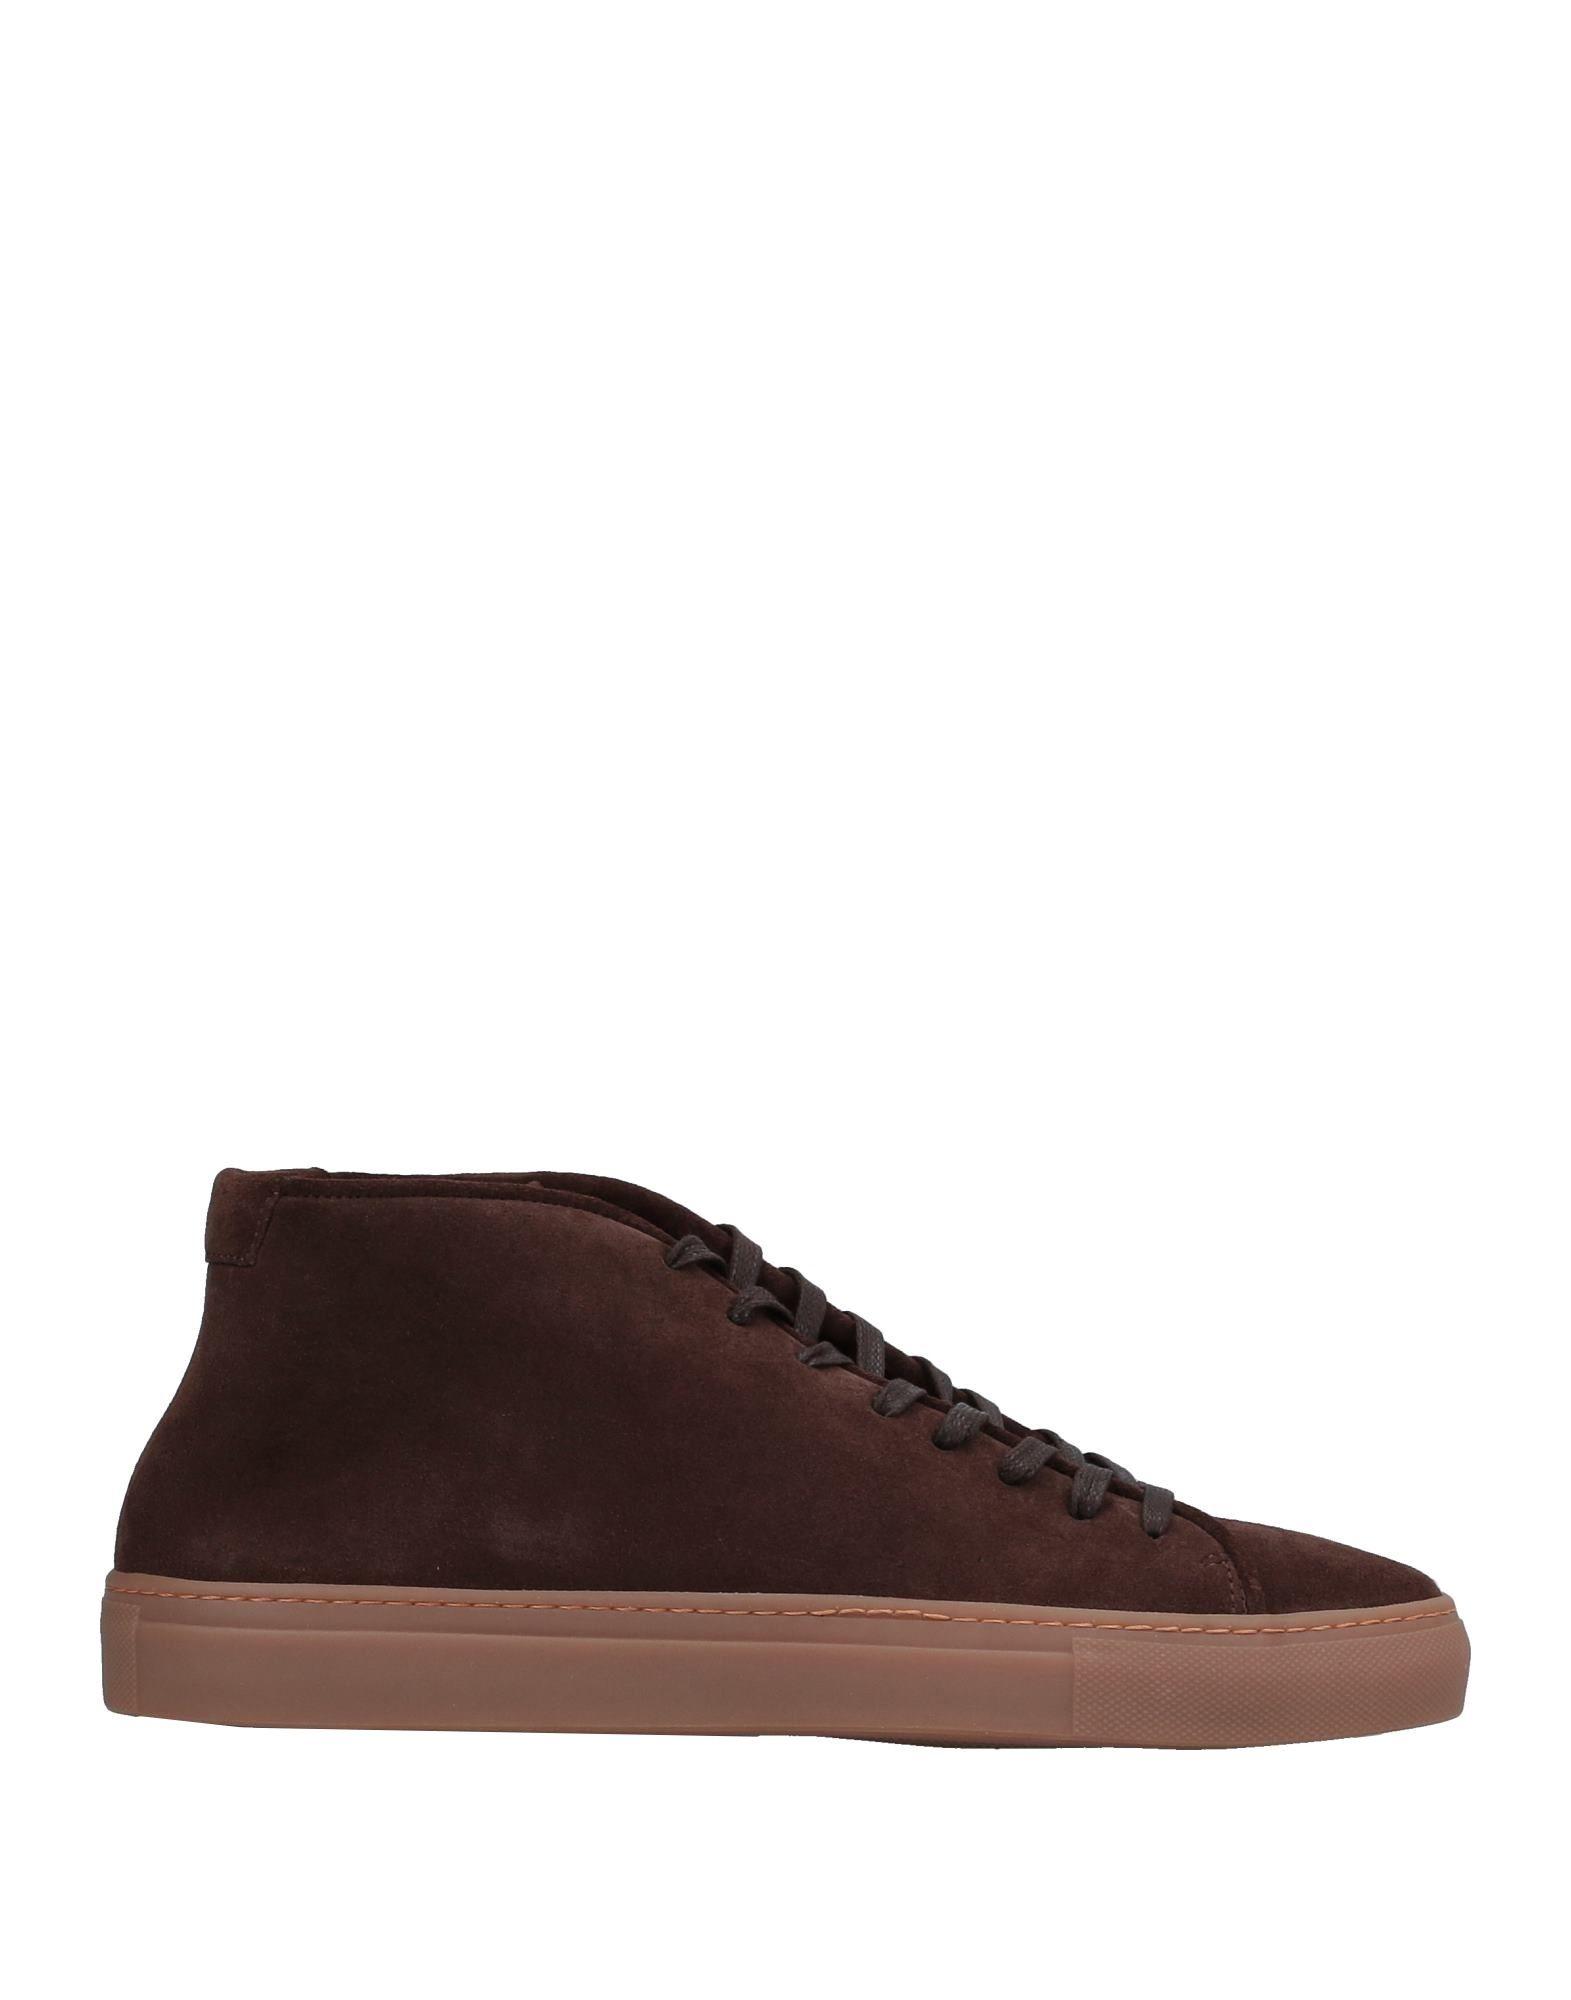 Rabatt echte Schuhe Fabiano Ricci Sneakers Herren  11508801NL